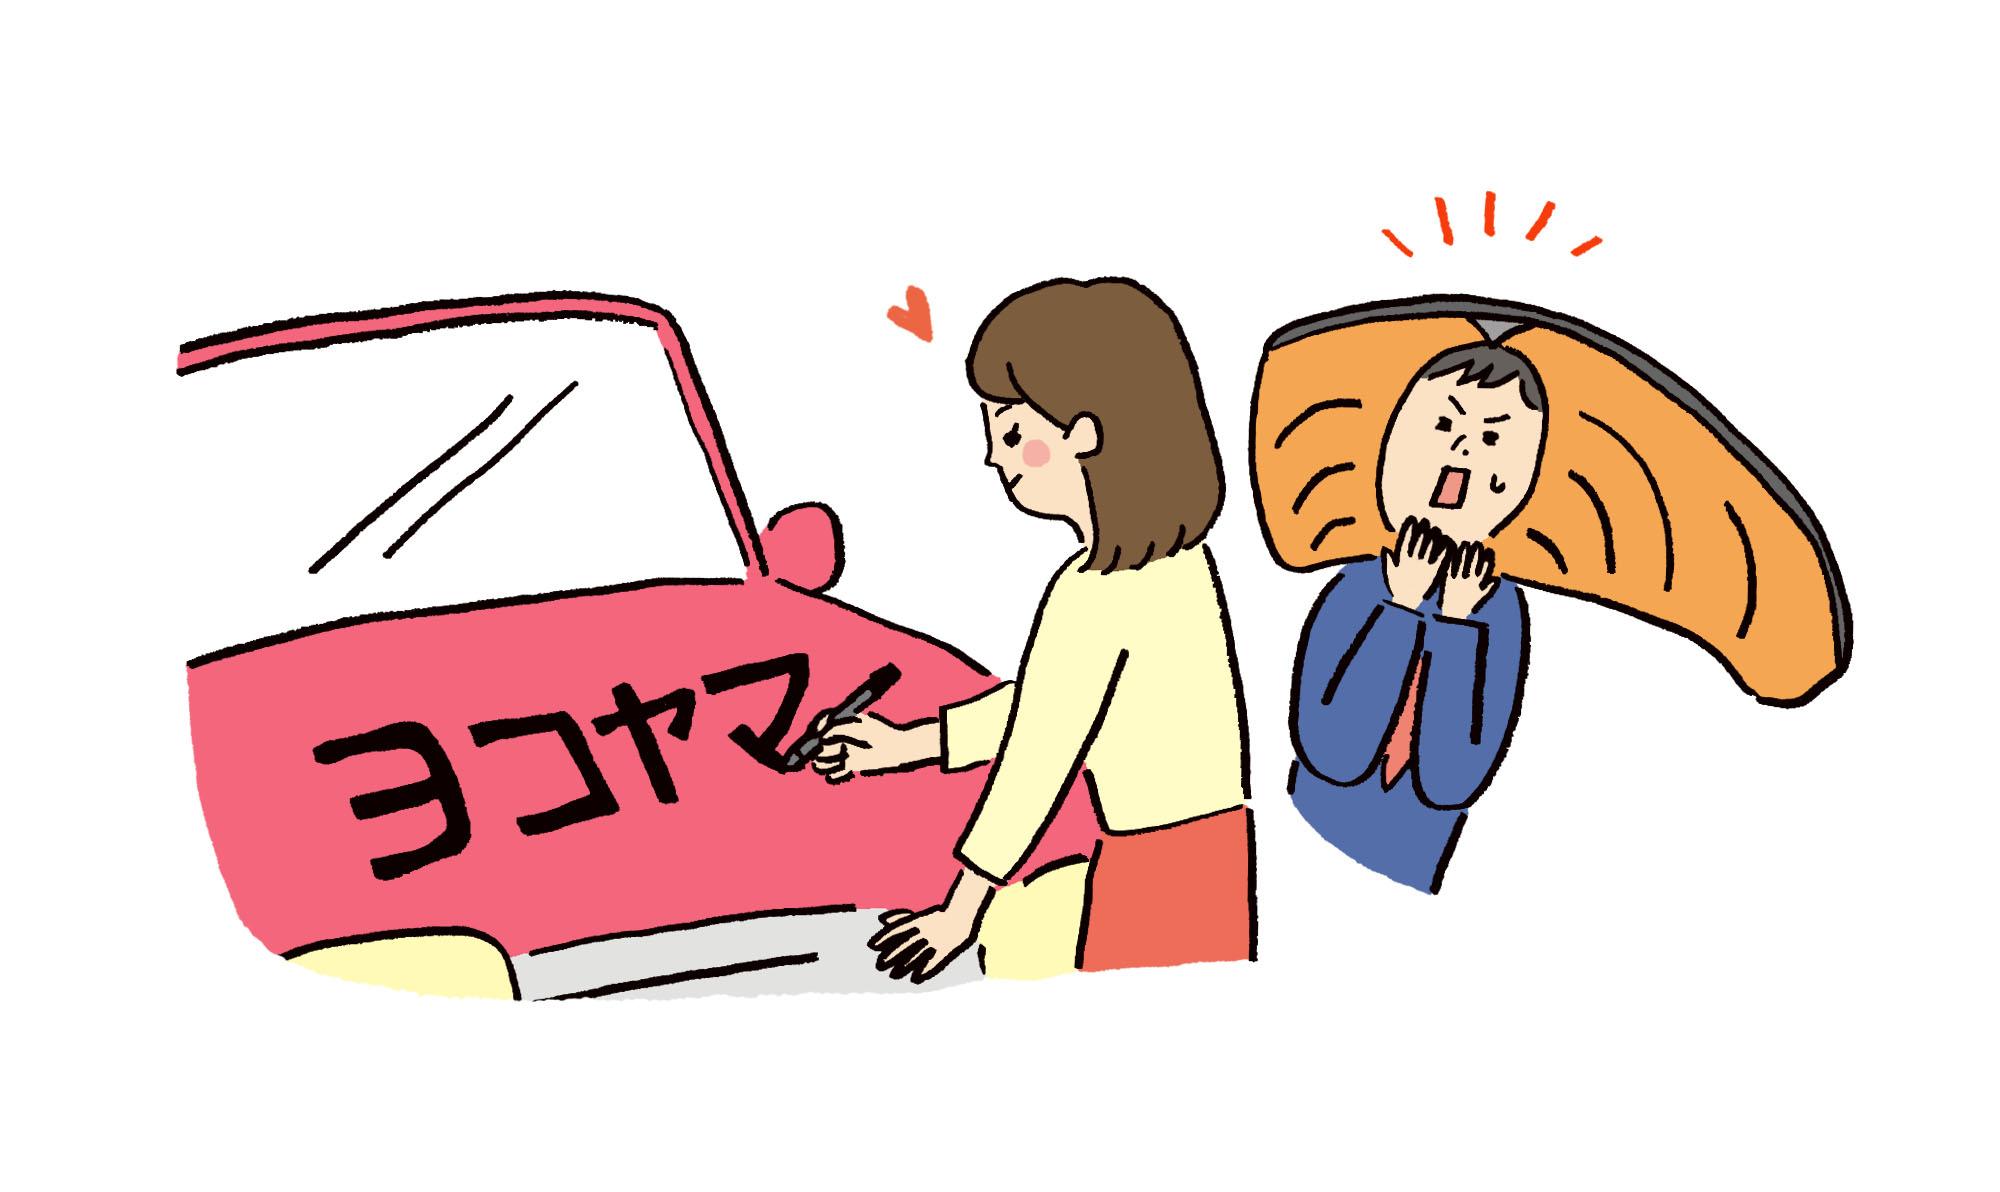 自動車にマジックで自分の名前を書く人のイラスト